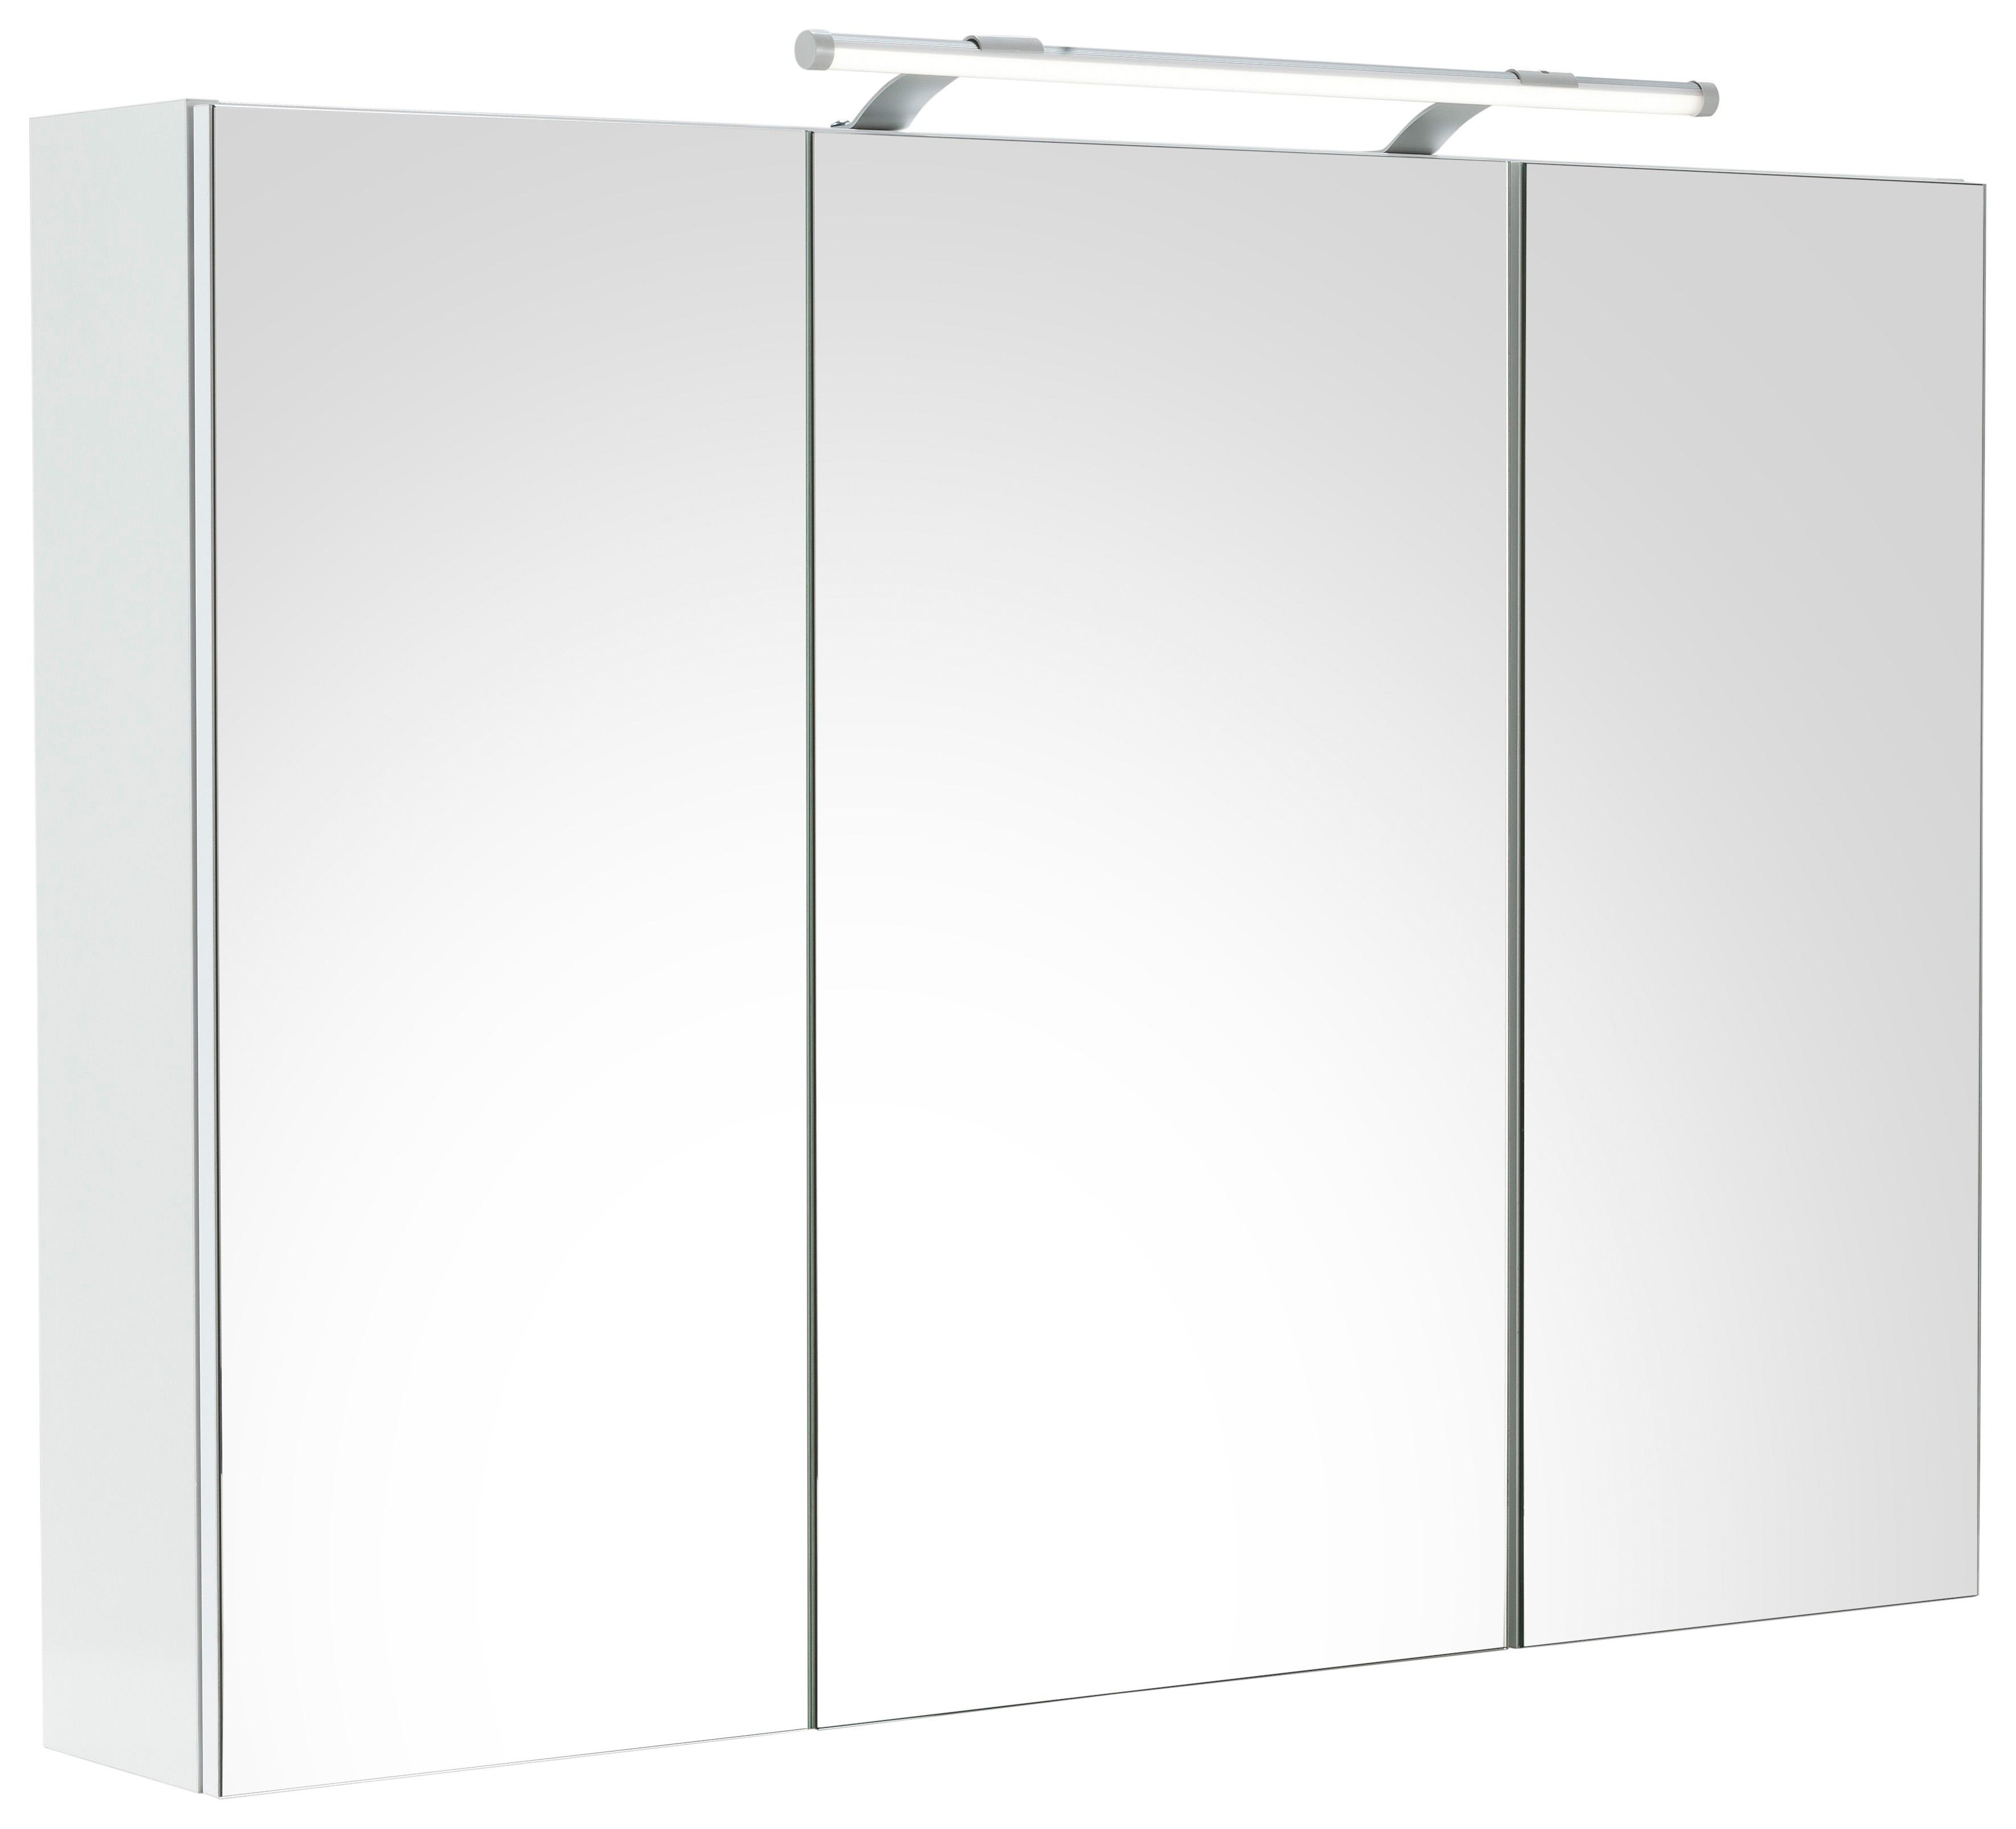 Schildmeyer spiegelkast Dorina Breedte 100 cm, 3-deurs, ledverlichting, schakelaar-/stekkerdoos, glasplateaus, Made in Germany nu online kopen bij OTTO